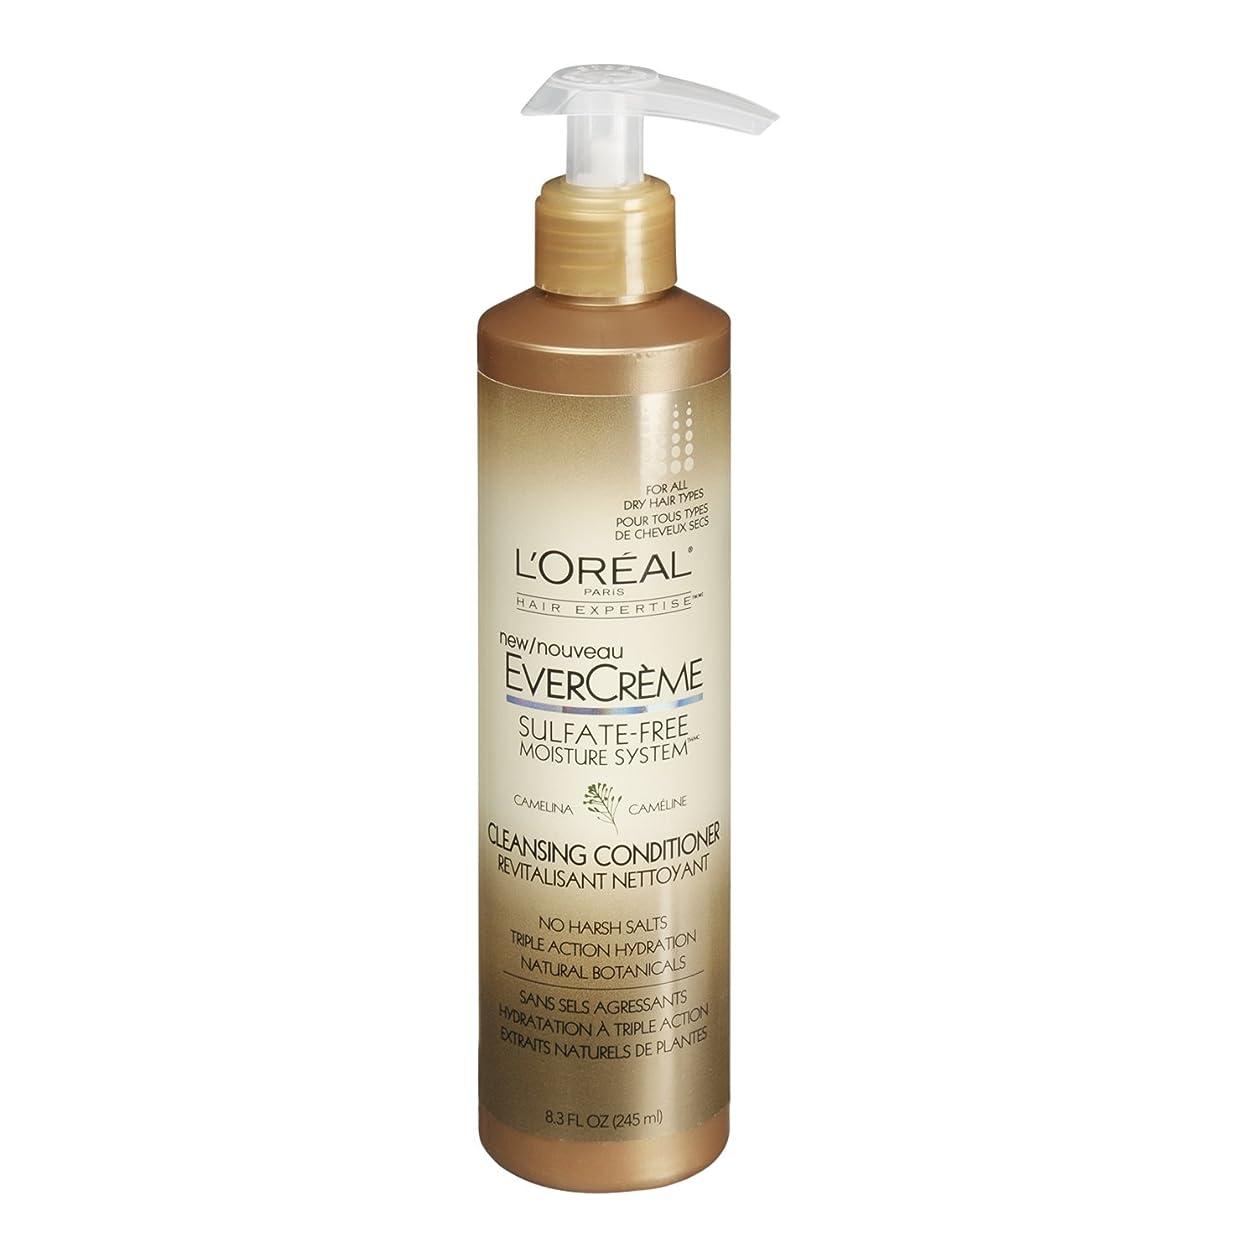 のヒープ予定ライムL'Oreal Paris EverCreme Sulfate-Free Moisture System Cleansing Conditioner, 8.3 fl. Oz. by L'Oreal Paris Hair Care [並行輸入品]